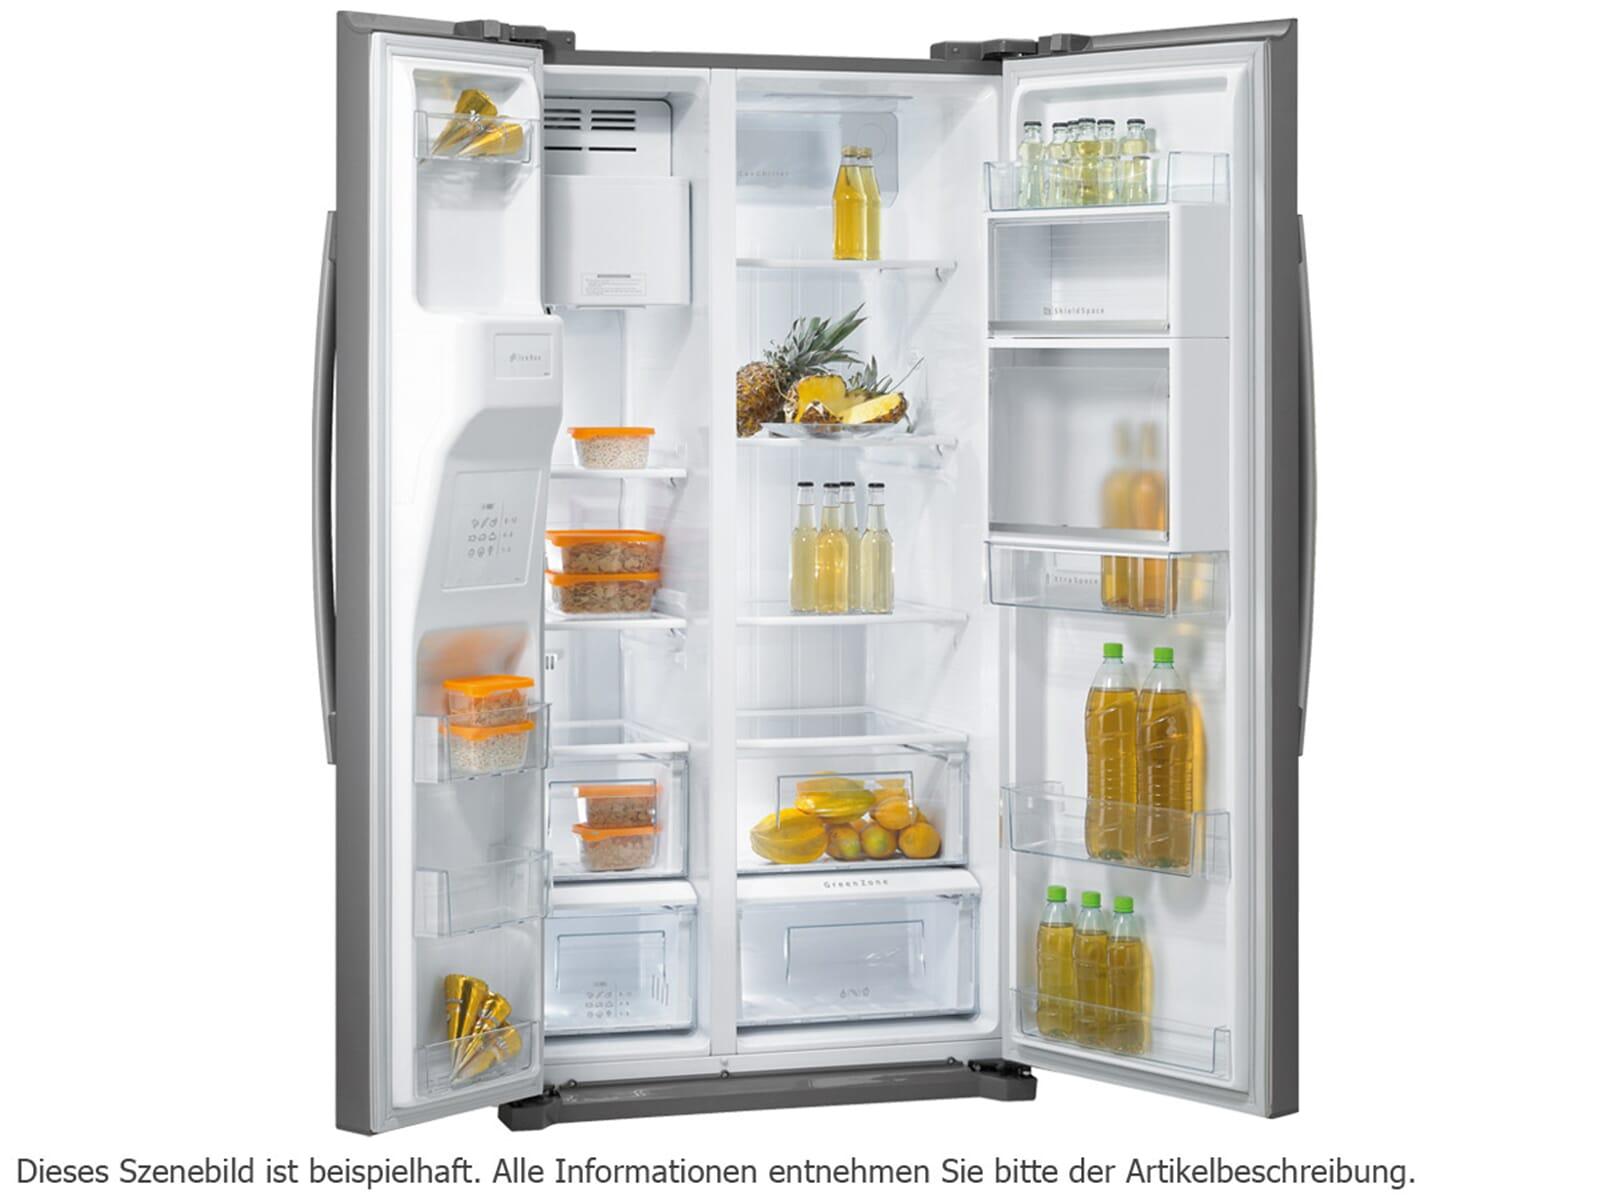 Gorenje Gefrier Und Kühlschrank : Gorenje side by side kühlschrank side by side khlschrank gorenje